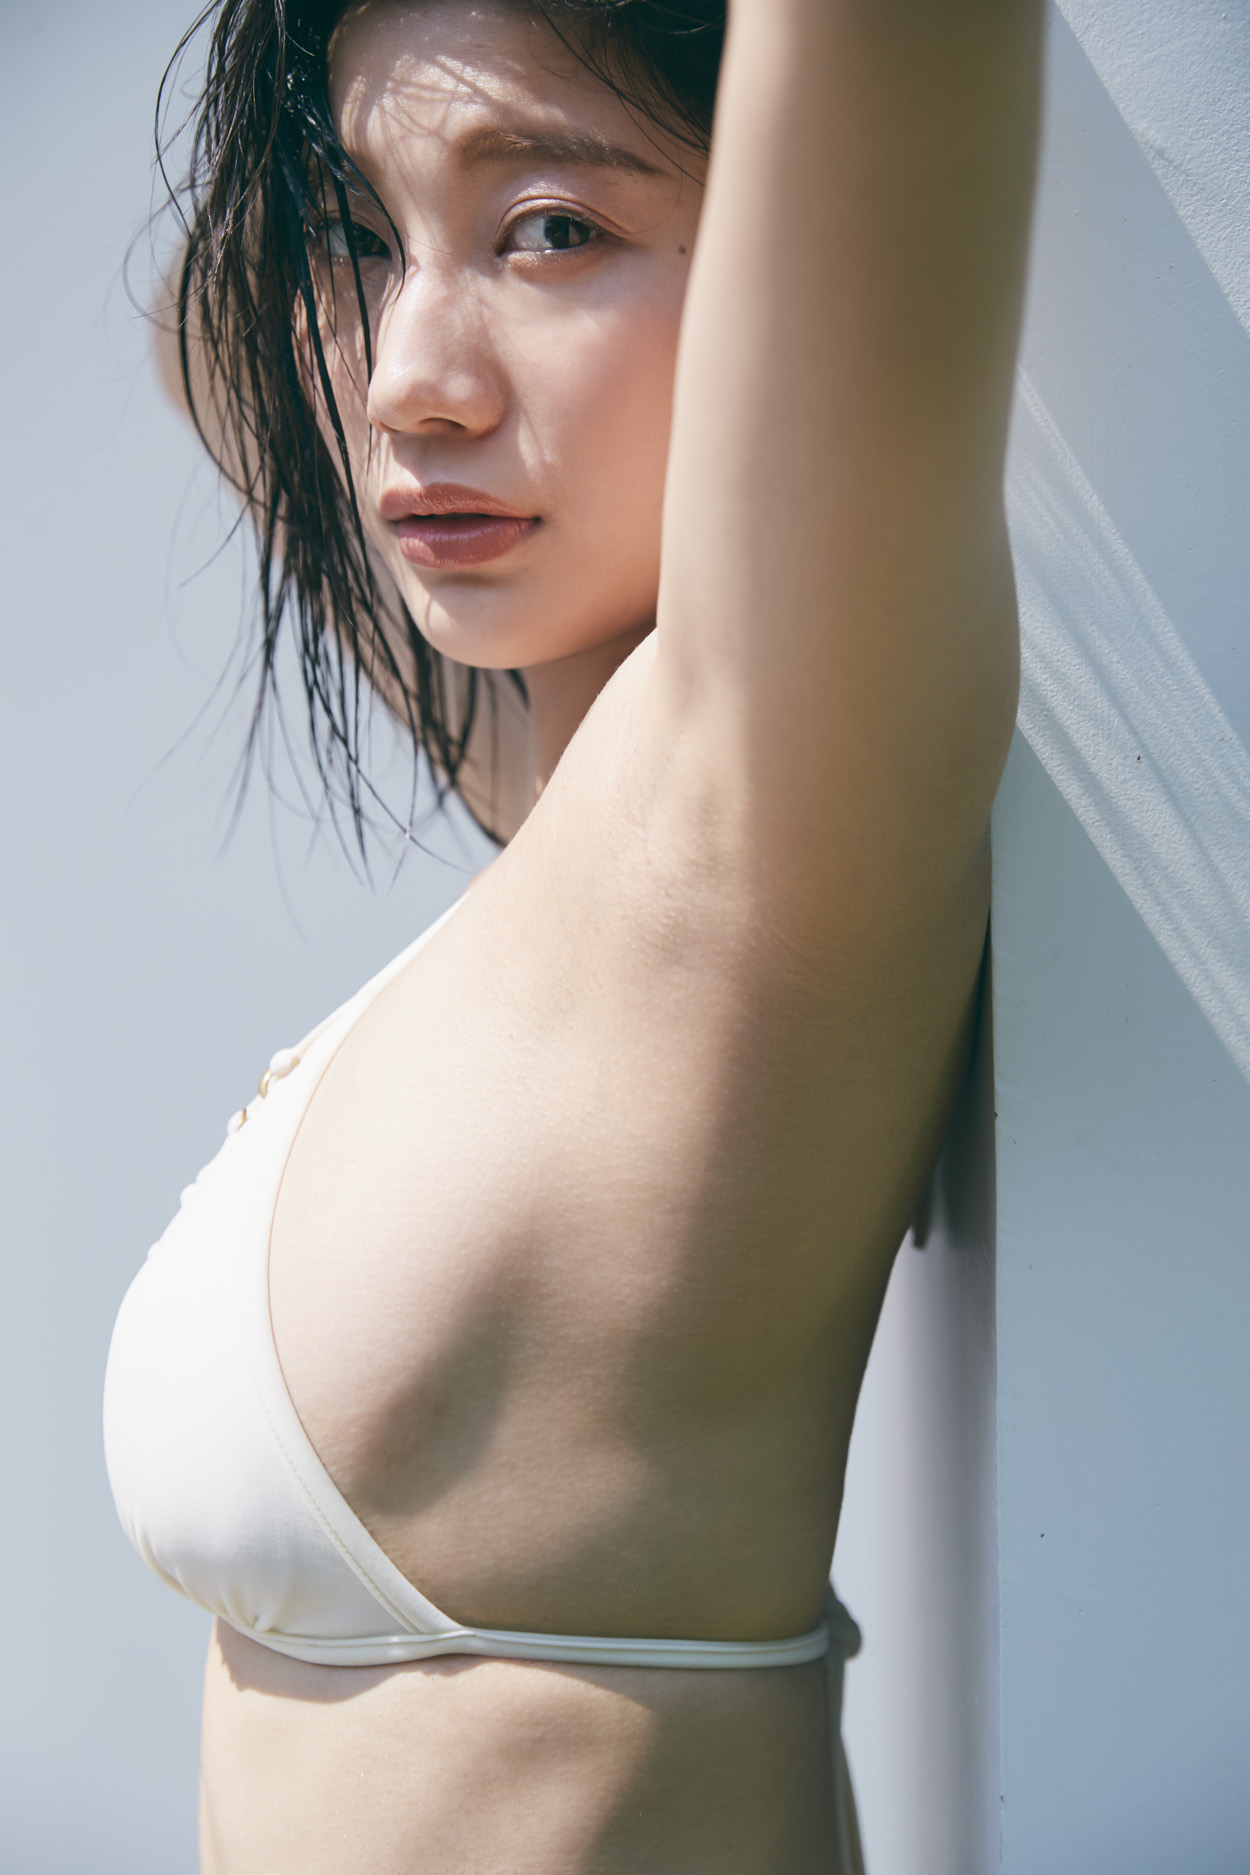 小倉優香 /初のデジタル写真集『ぐらぐら』三瓶康友/講談社with